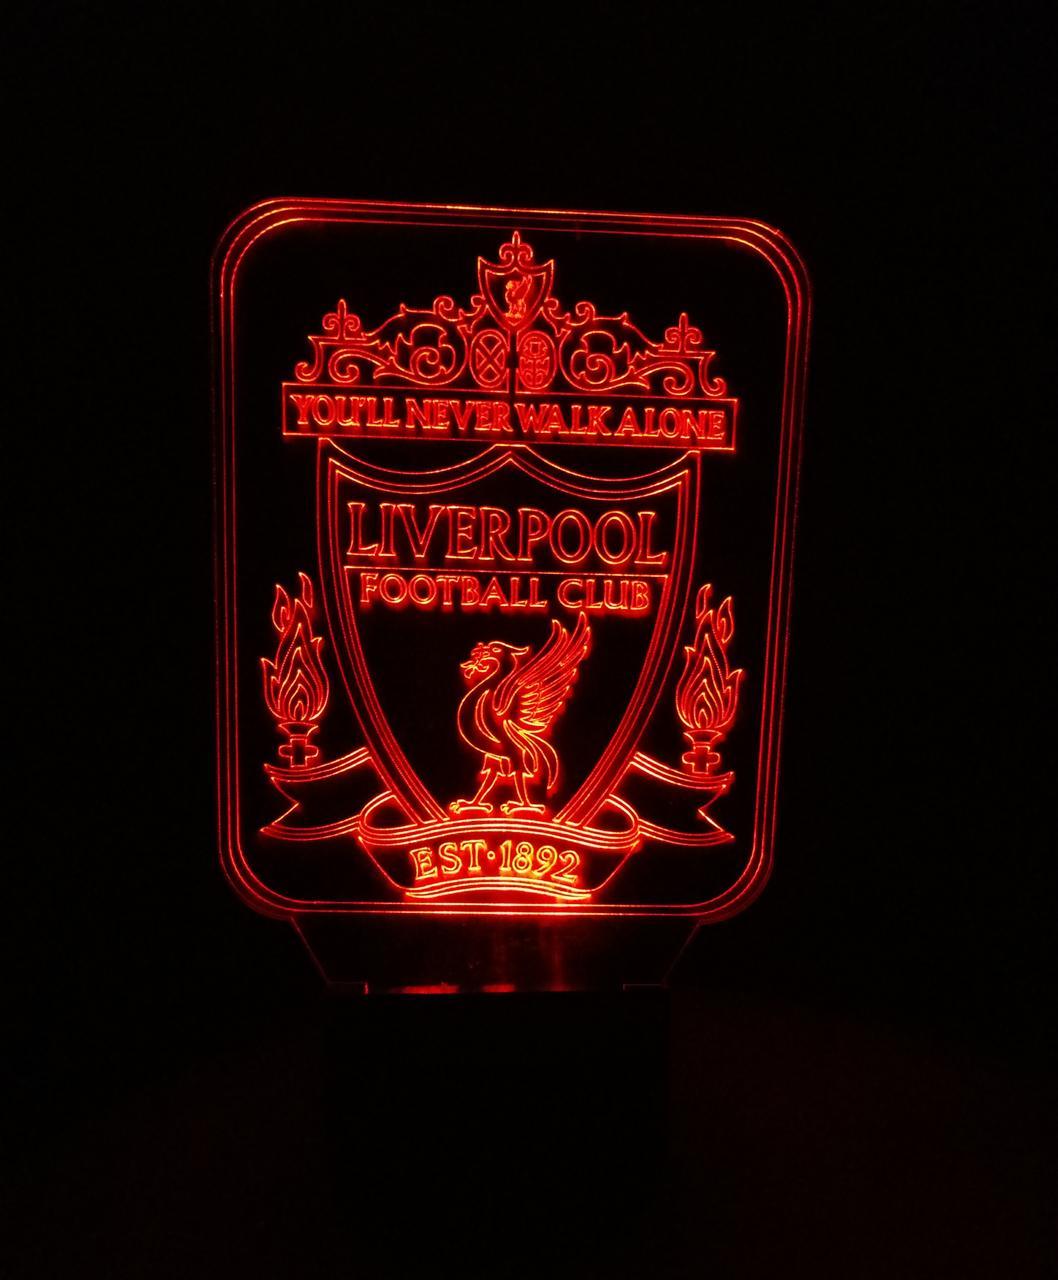 3d-світильник ФК Ліверпуль, 3д-нічник, кілька підсвічувань (на пульті)